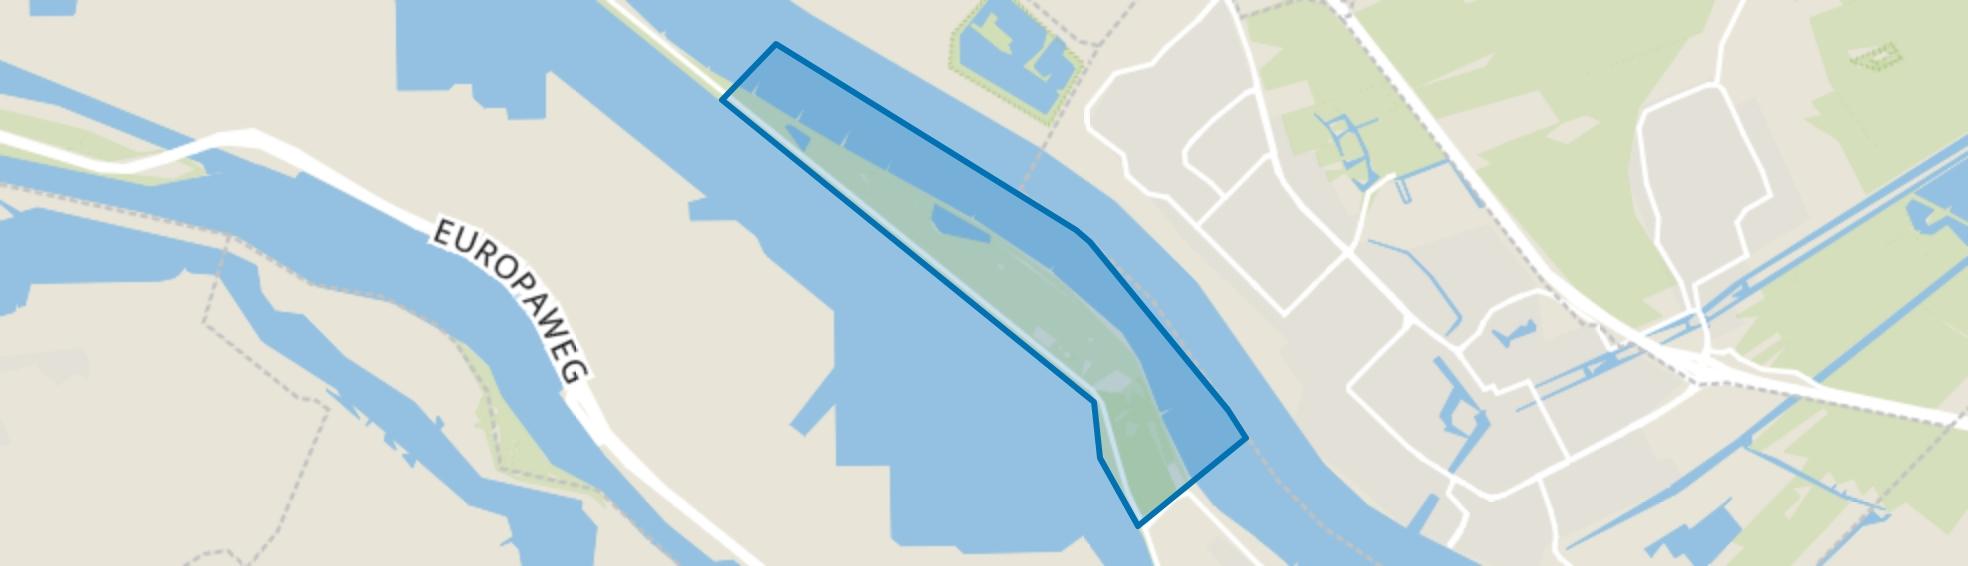 Noordzeeweg, Rozenburg (ZH) map